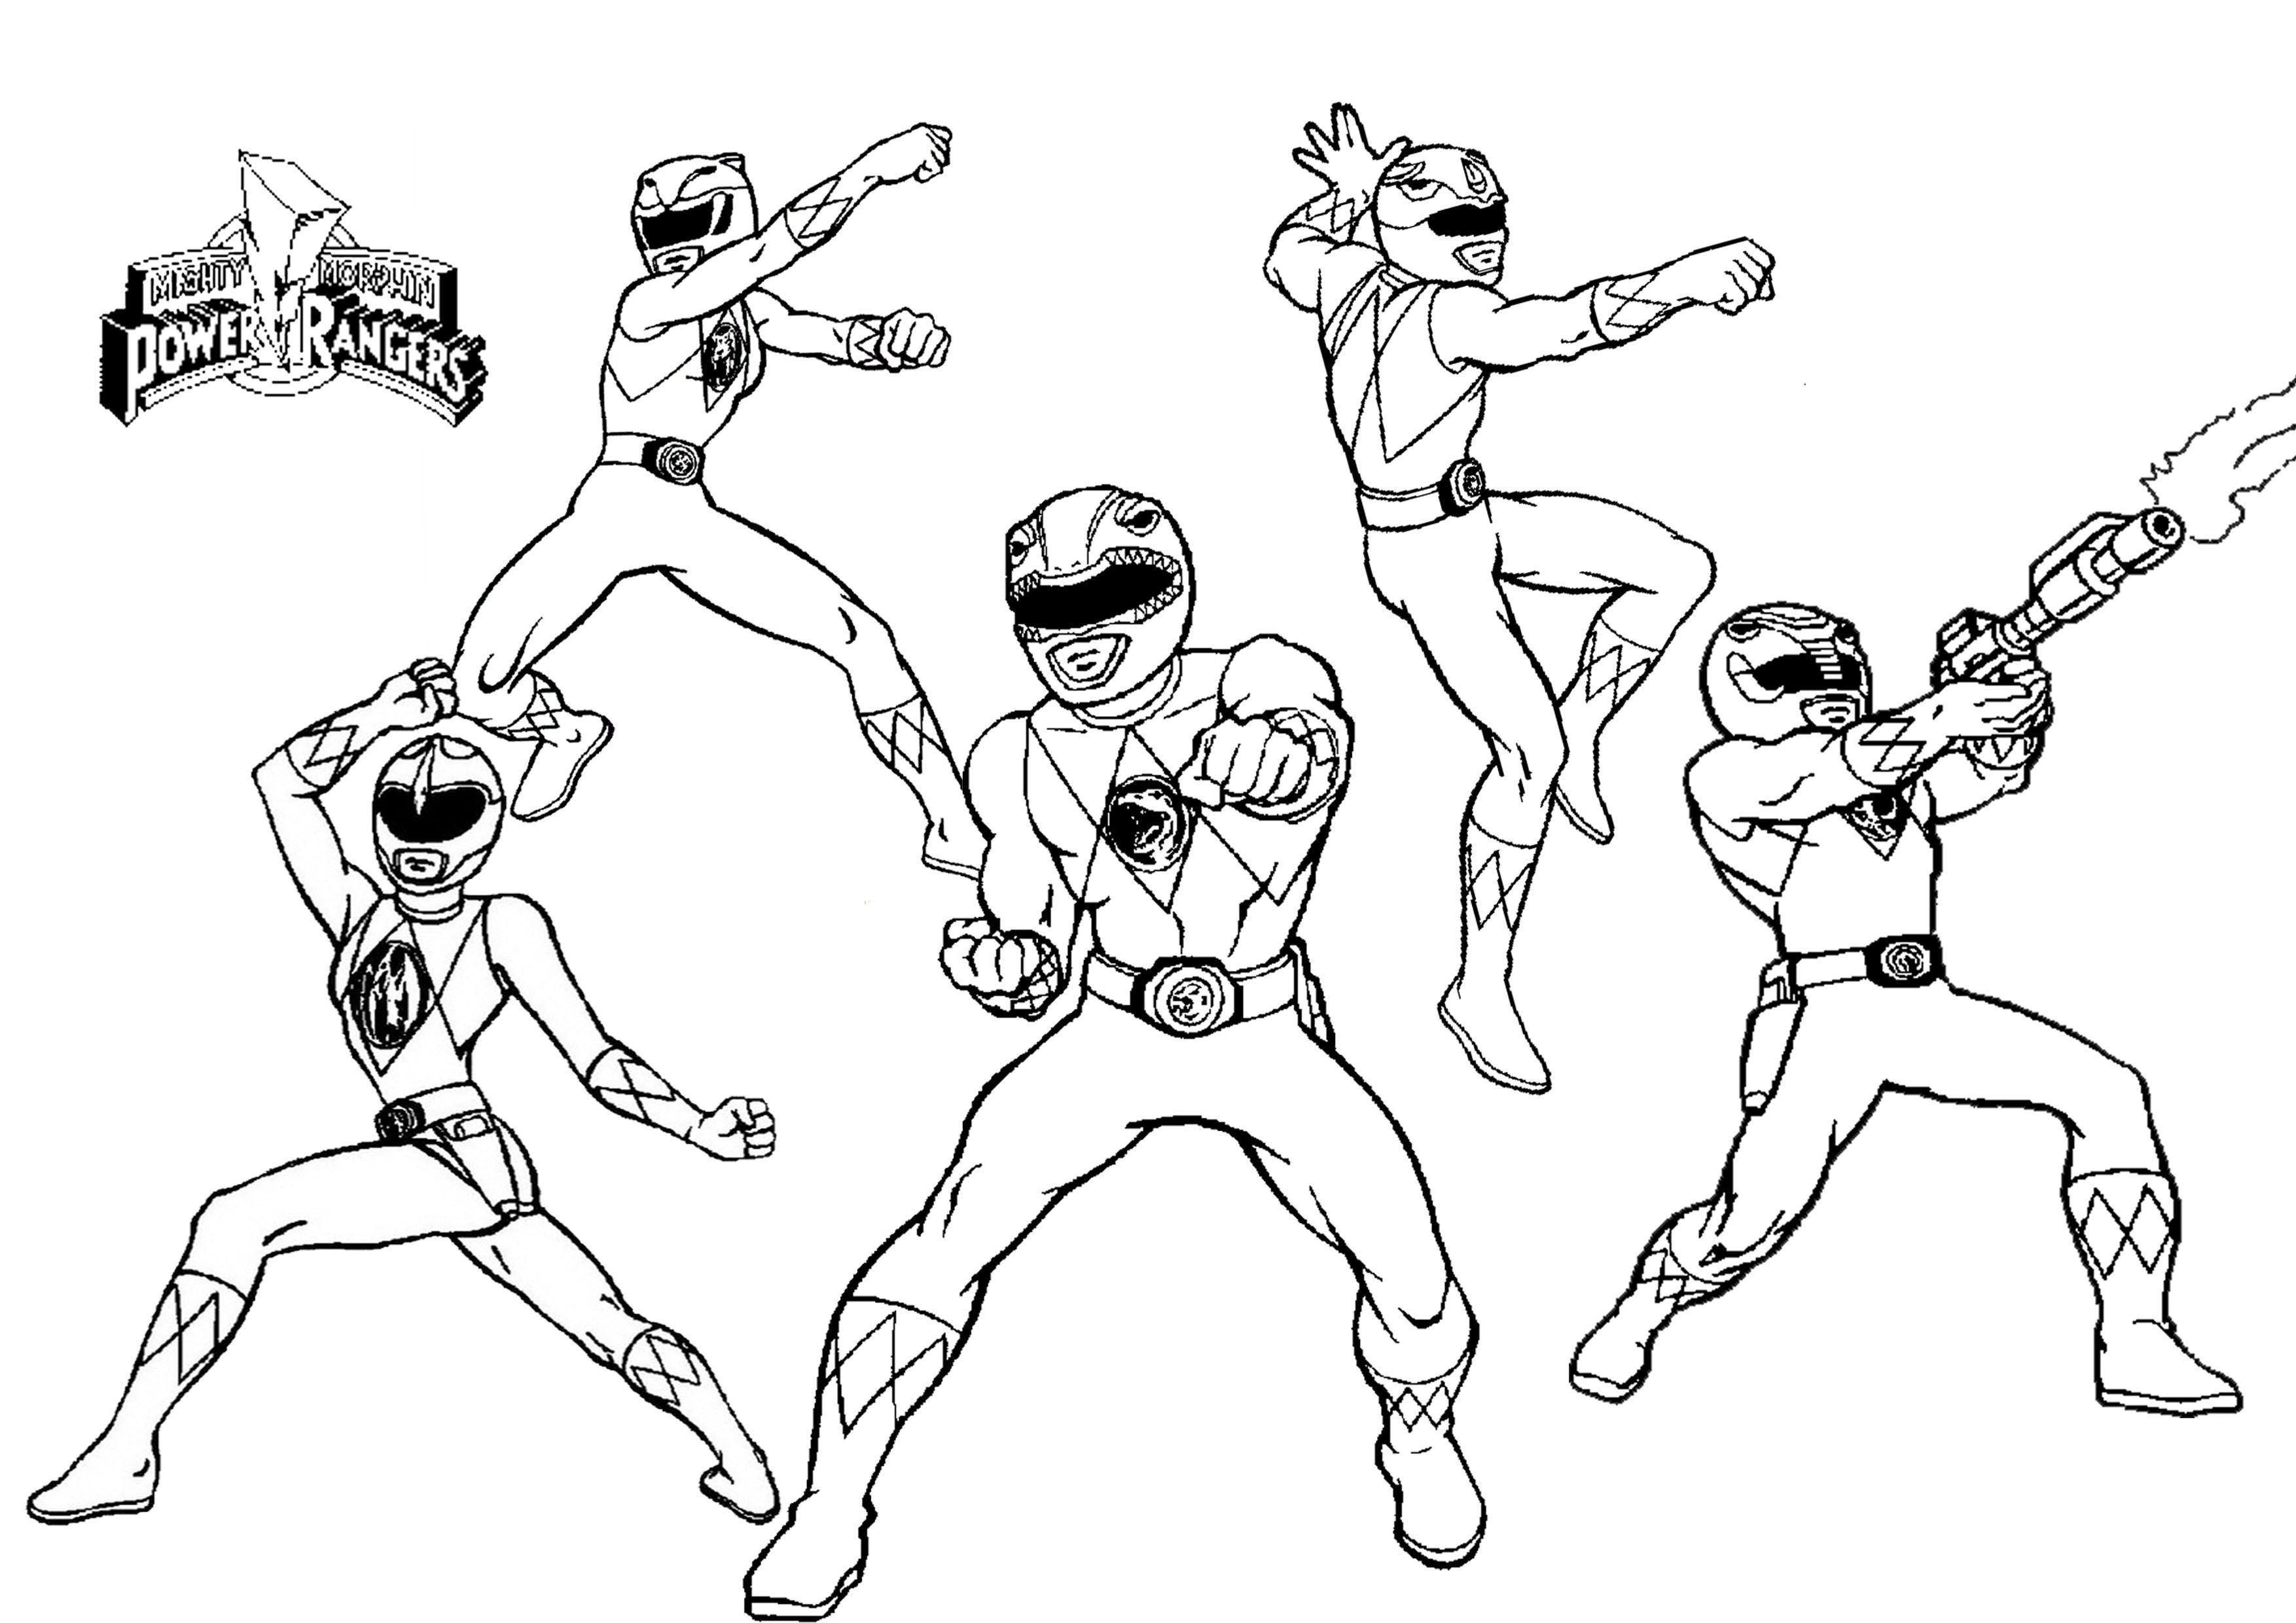 Coloring Pages Power Print Rangers 2020 Desenhos Pra Colorir